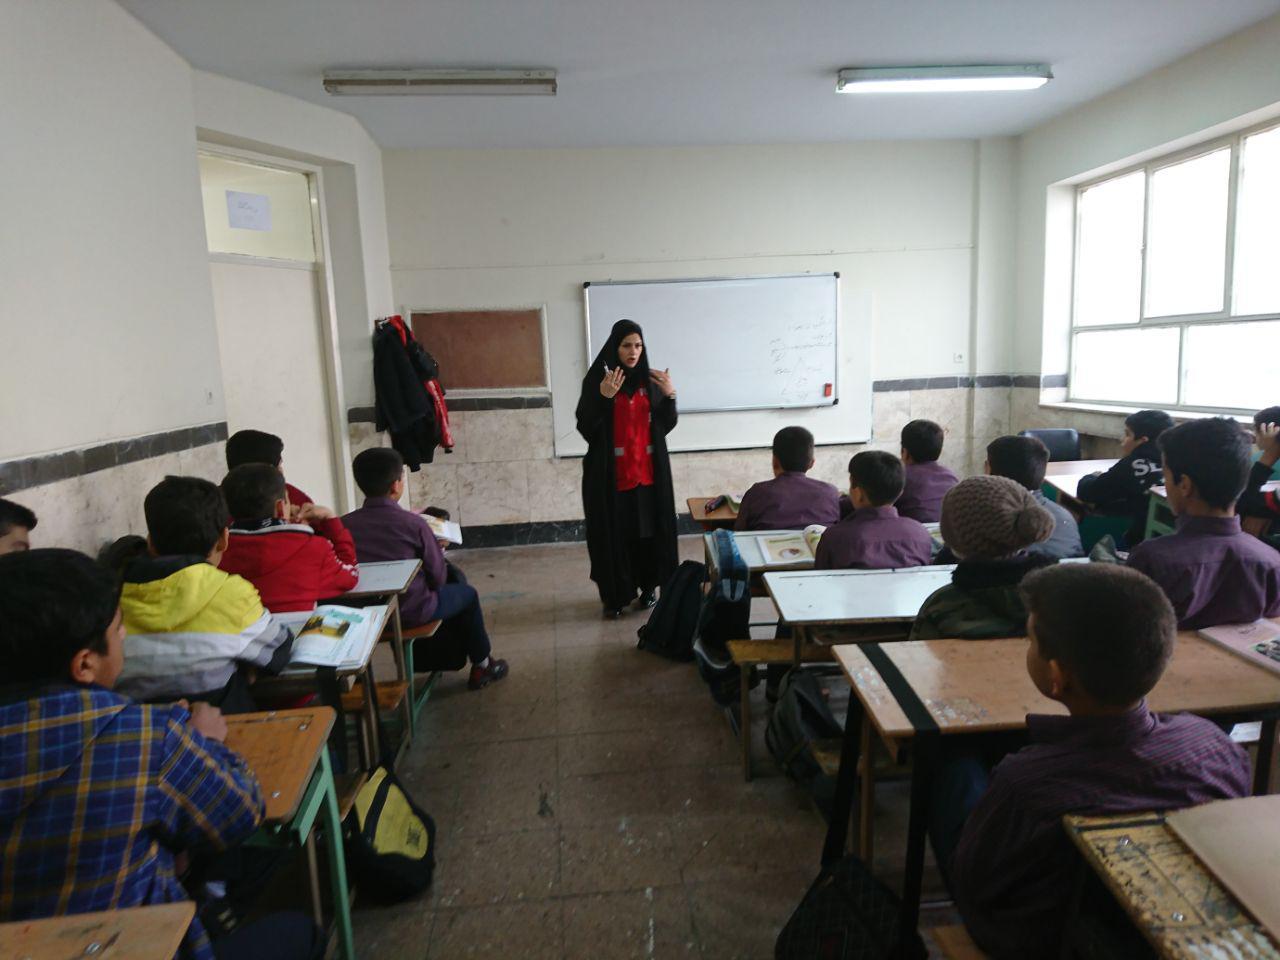 شهرداری منطقه 16 تهران کارگاه مانور زلزله را در دبیرستان شهدای صنف گردبافان برگزار کرد.